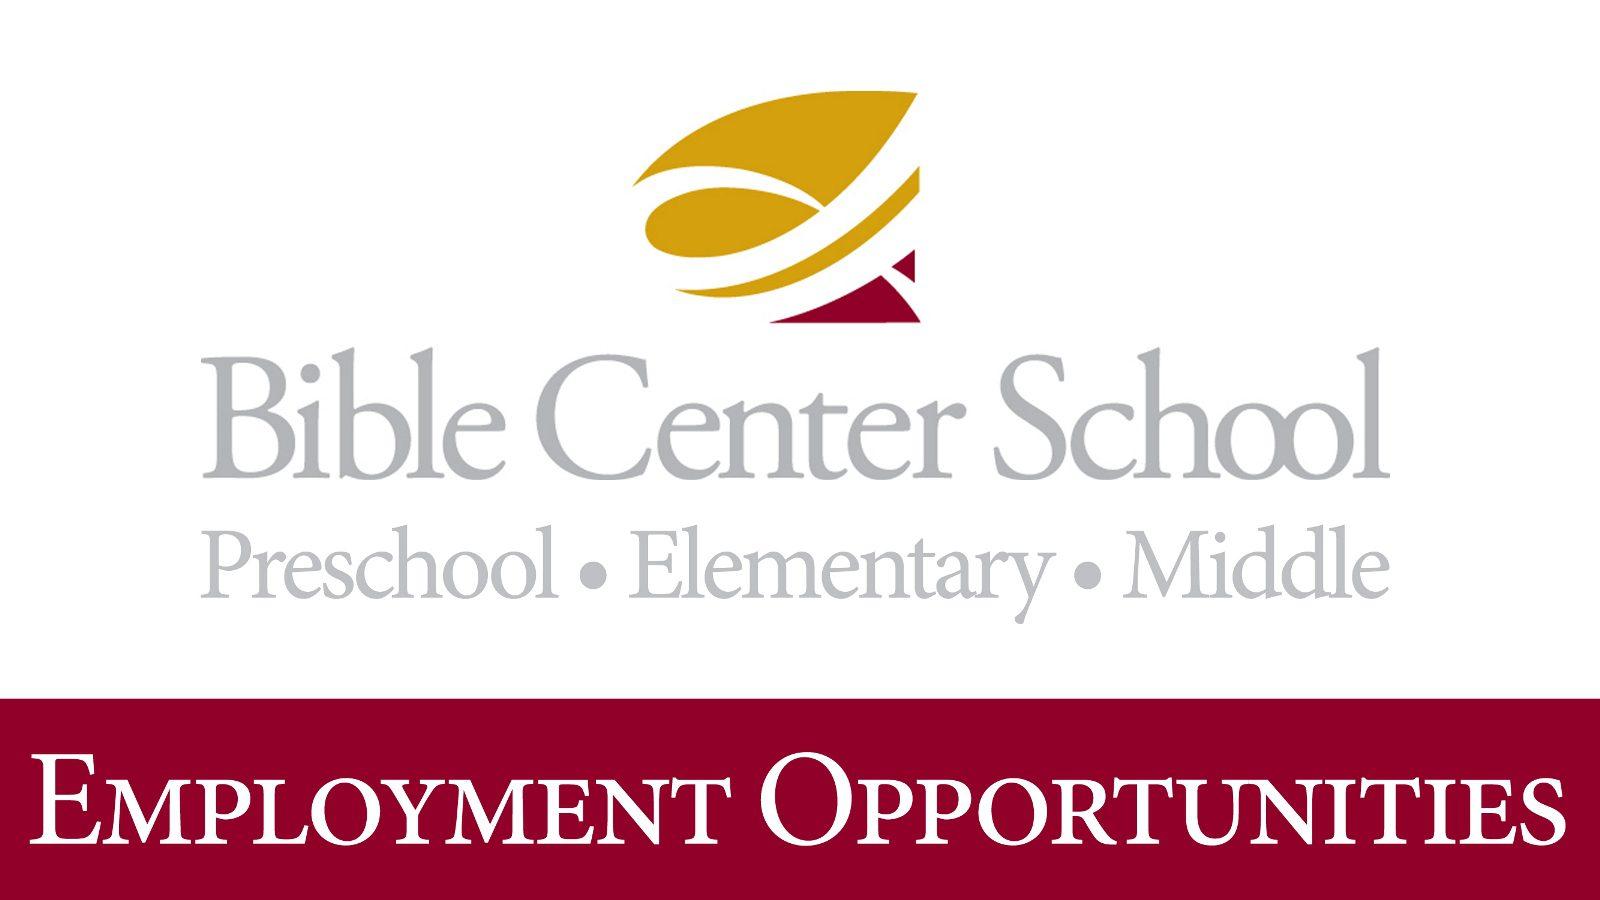 Teach at Bible Center School!